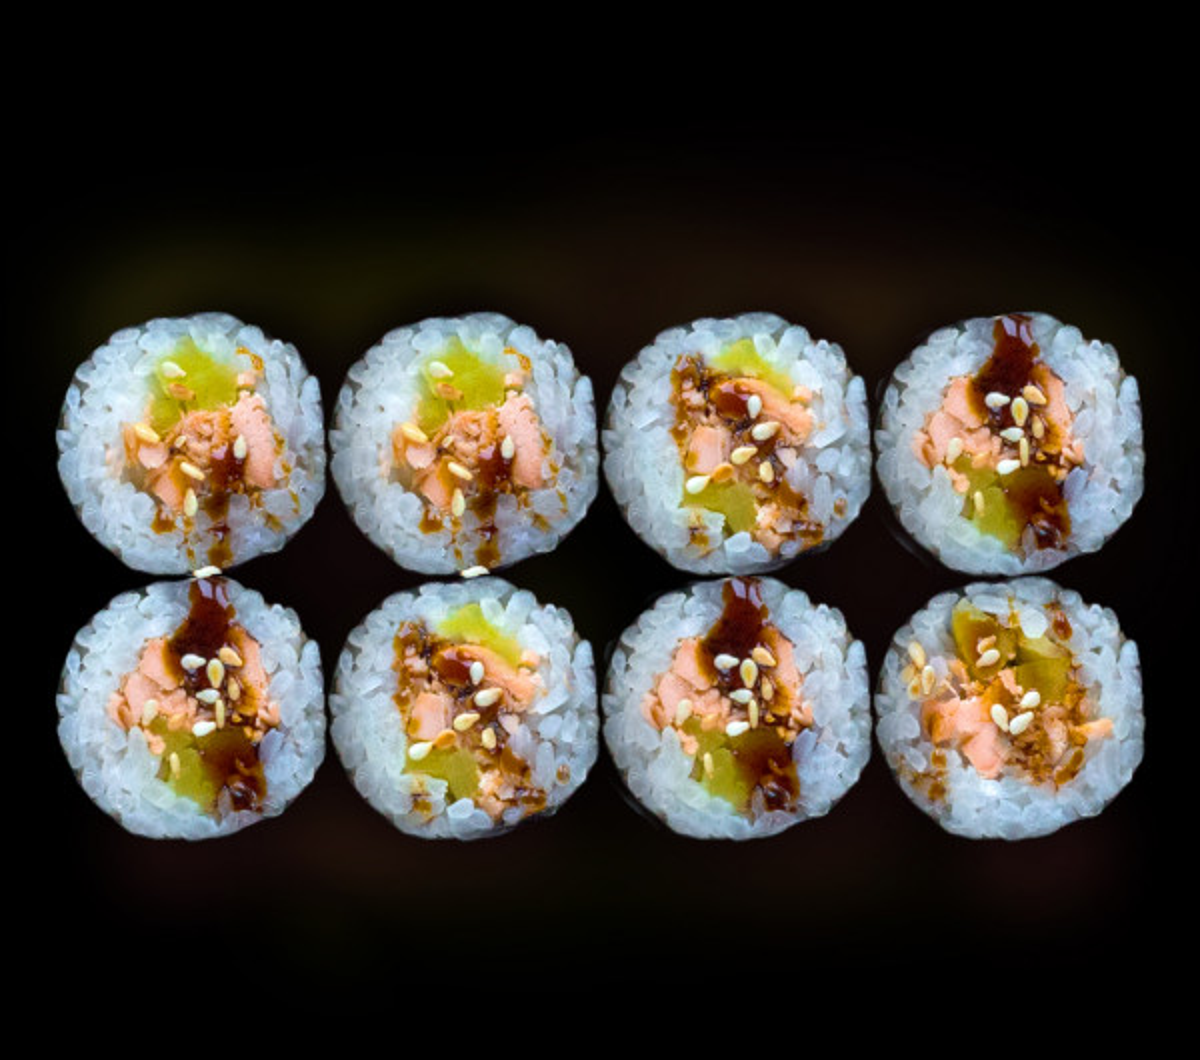 заказать: Роллы - Маки с печеным лососем